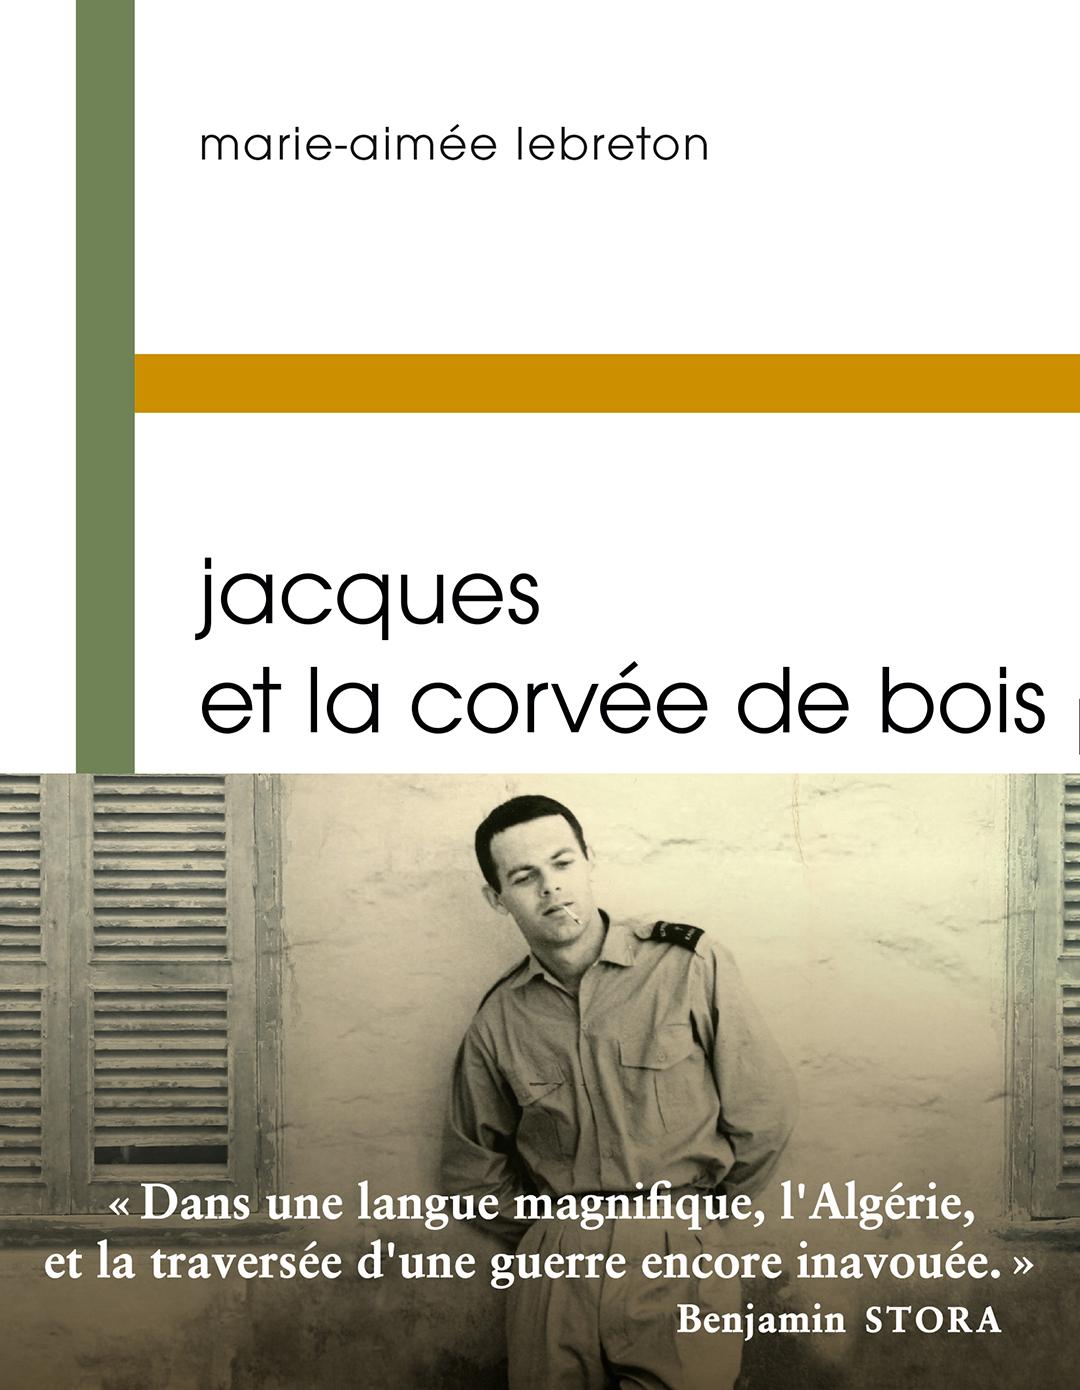 «Jacques et la corvée de bois» de Marie-Aimée Lebreton, Buchet/Chastel, 128 pages, 13 euros